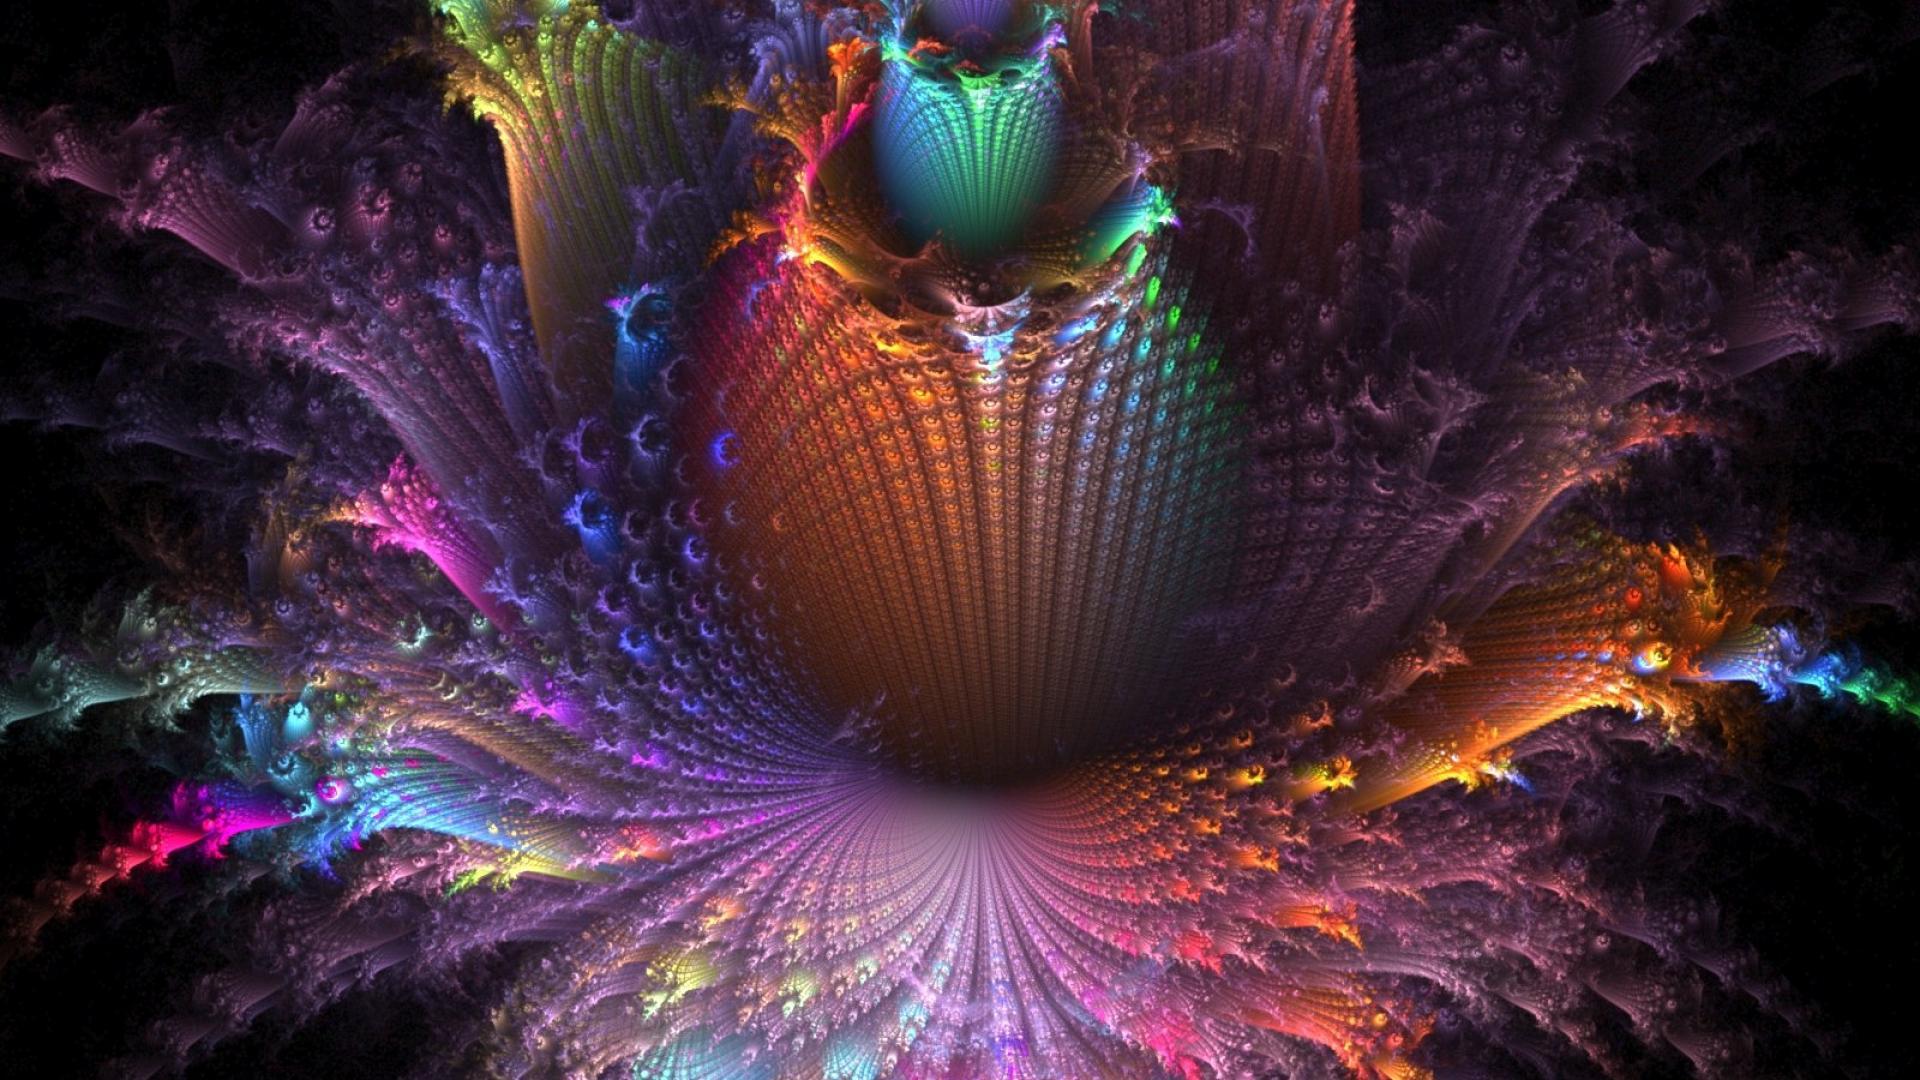 3d Rainbow Psychedeli Wallpaper Acid Trip Hd Wallpaper Pixelstalk Net